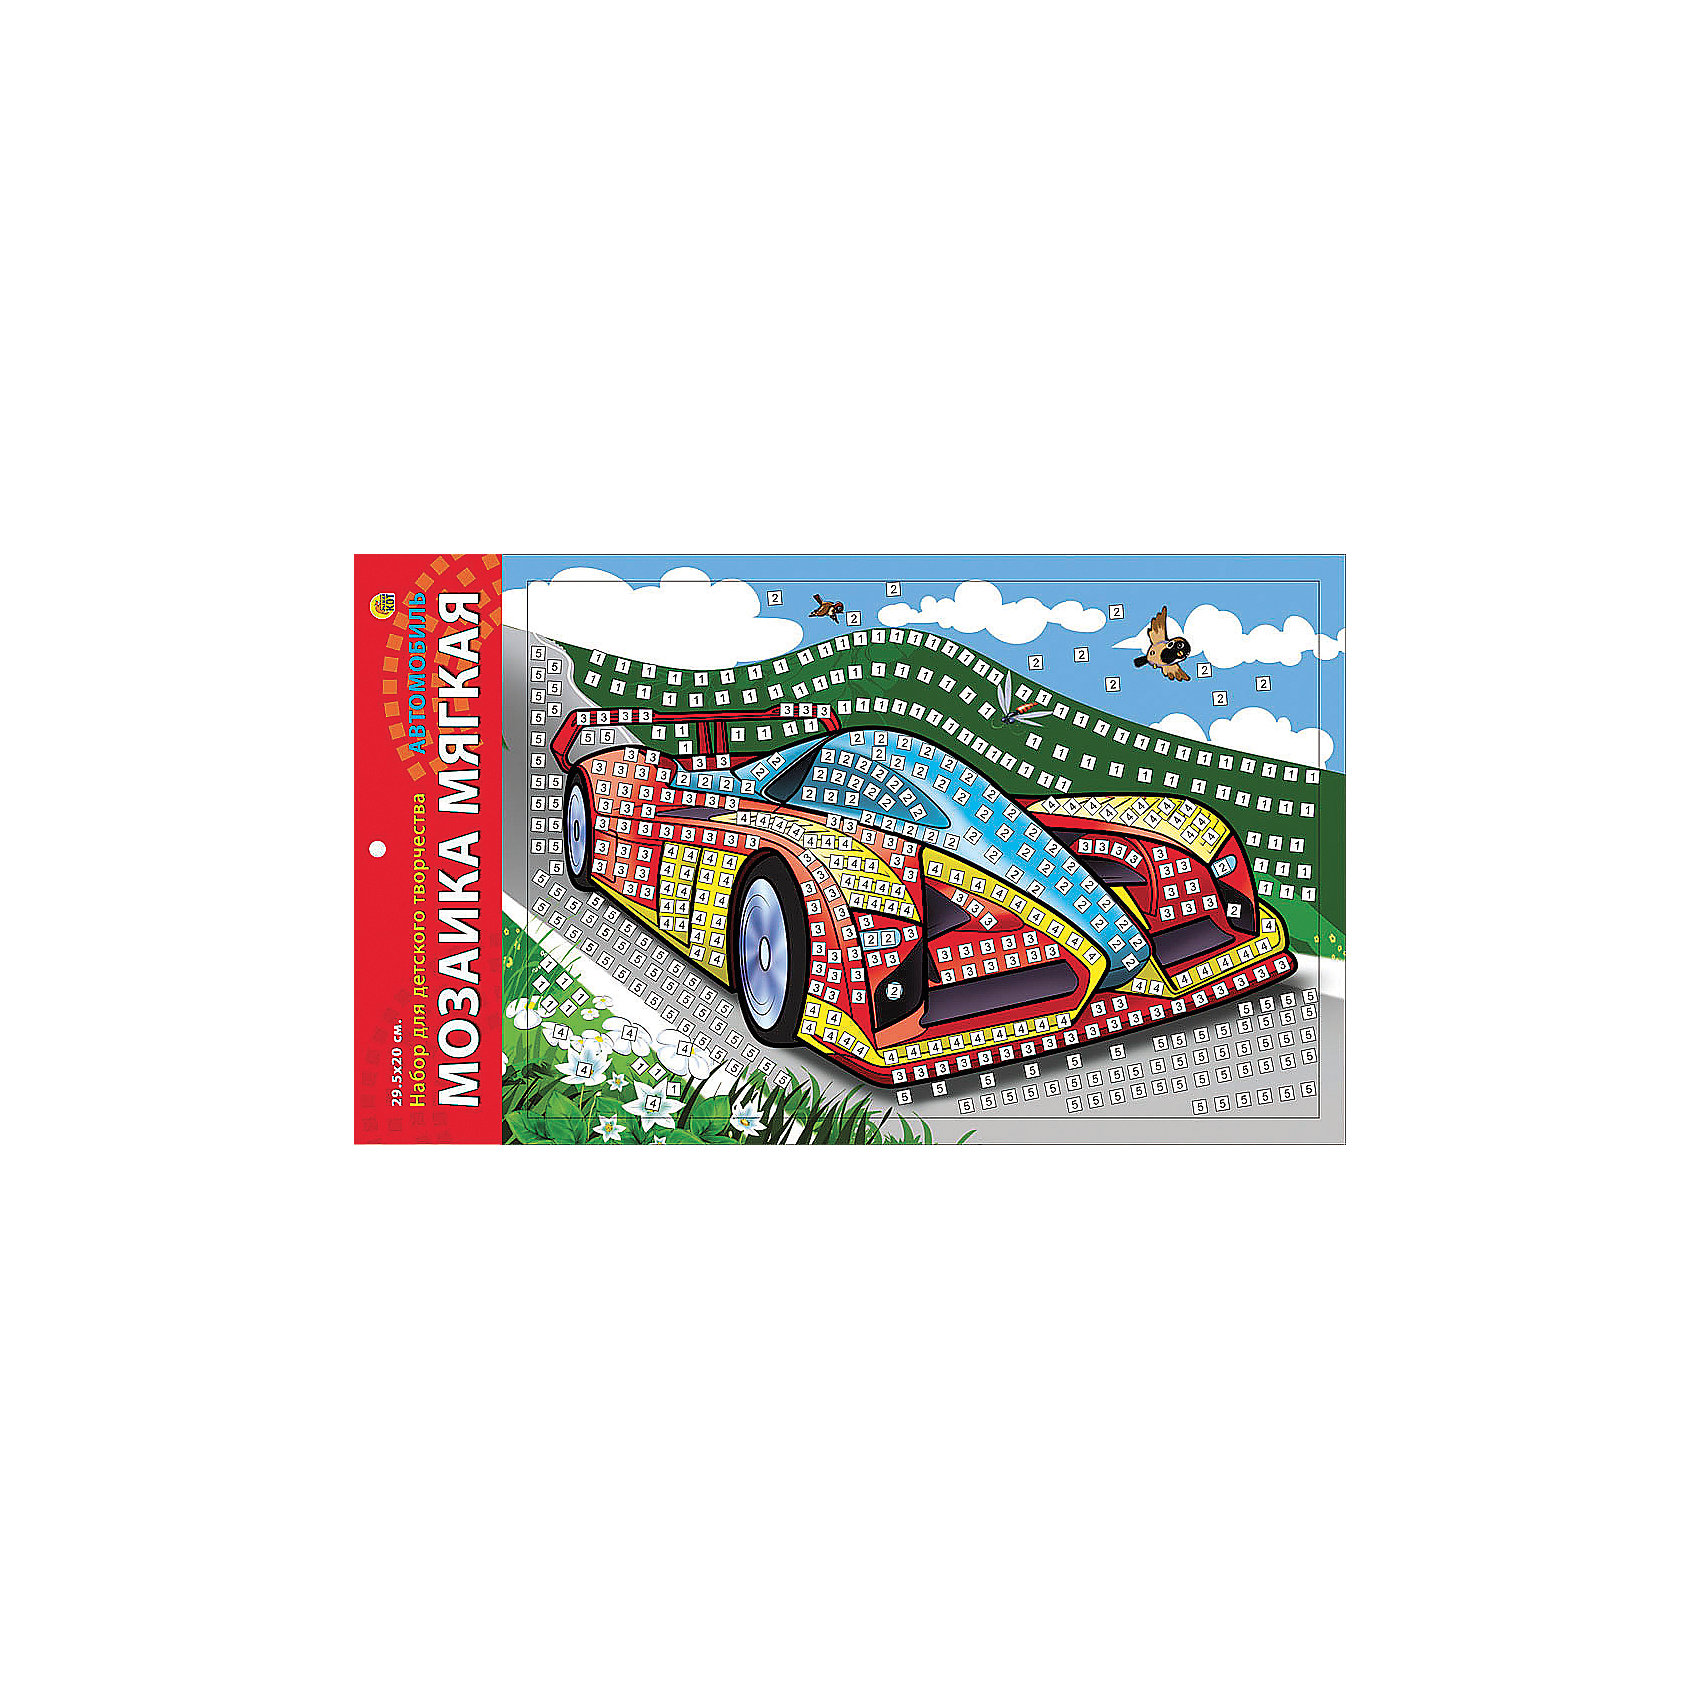 Издательство Рыжий кот Мягкая мозаика Автомобиль формат А4 (29.5х20 см) издательство рыжий кот мягкая мозаика обезьянка формат а5 21х15 см